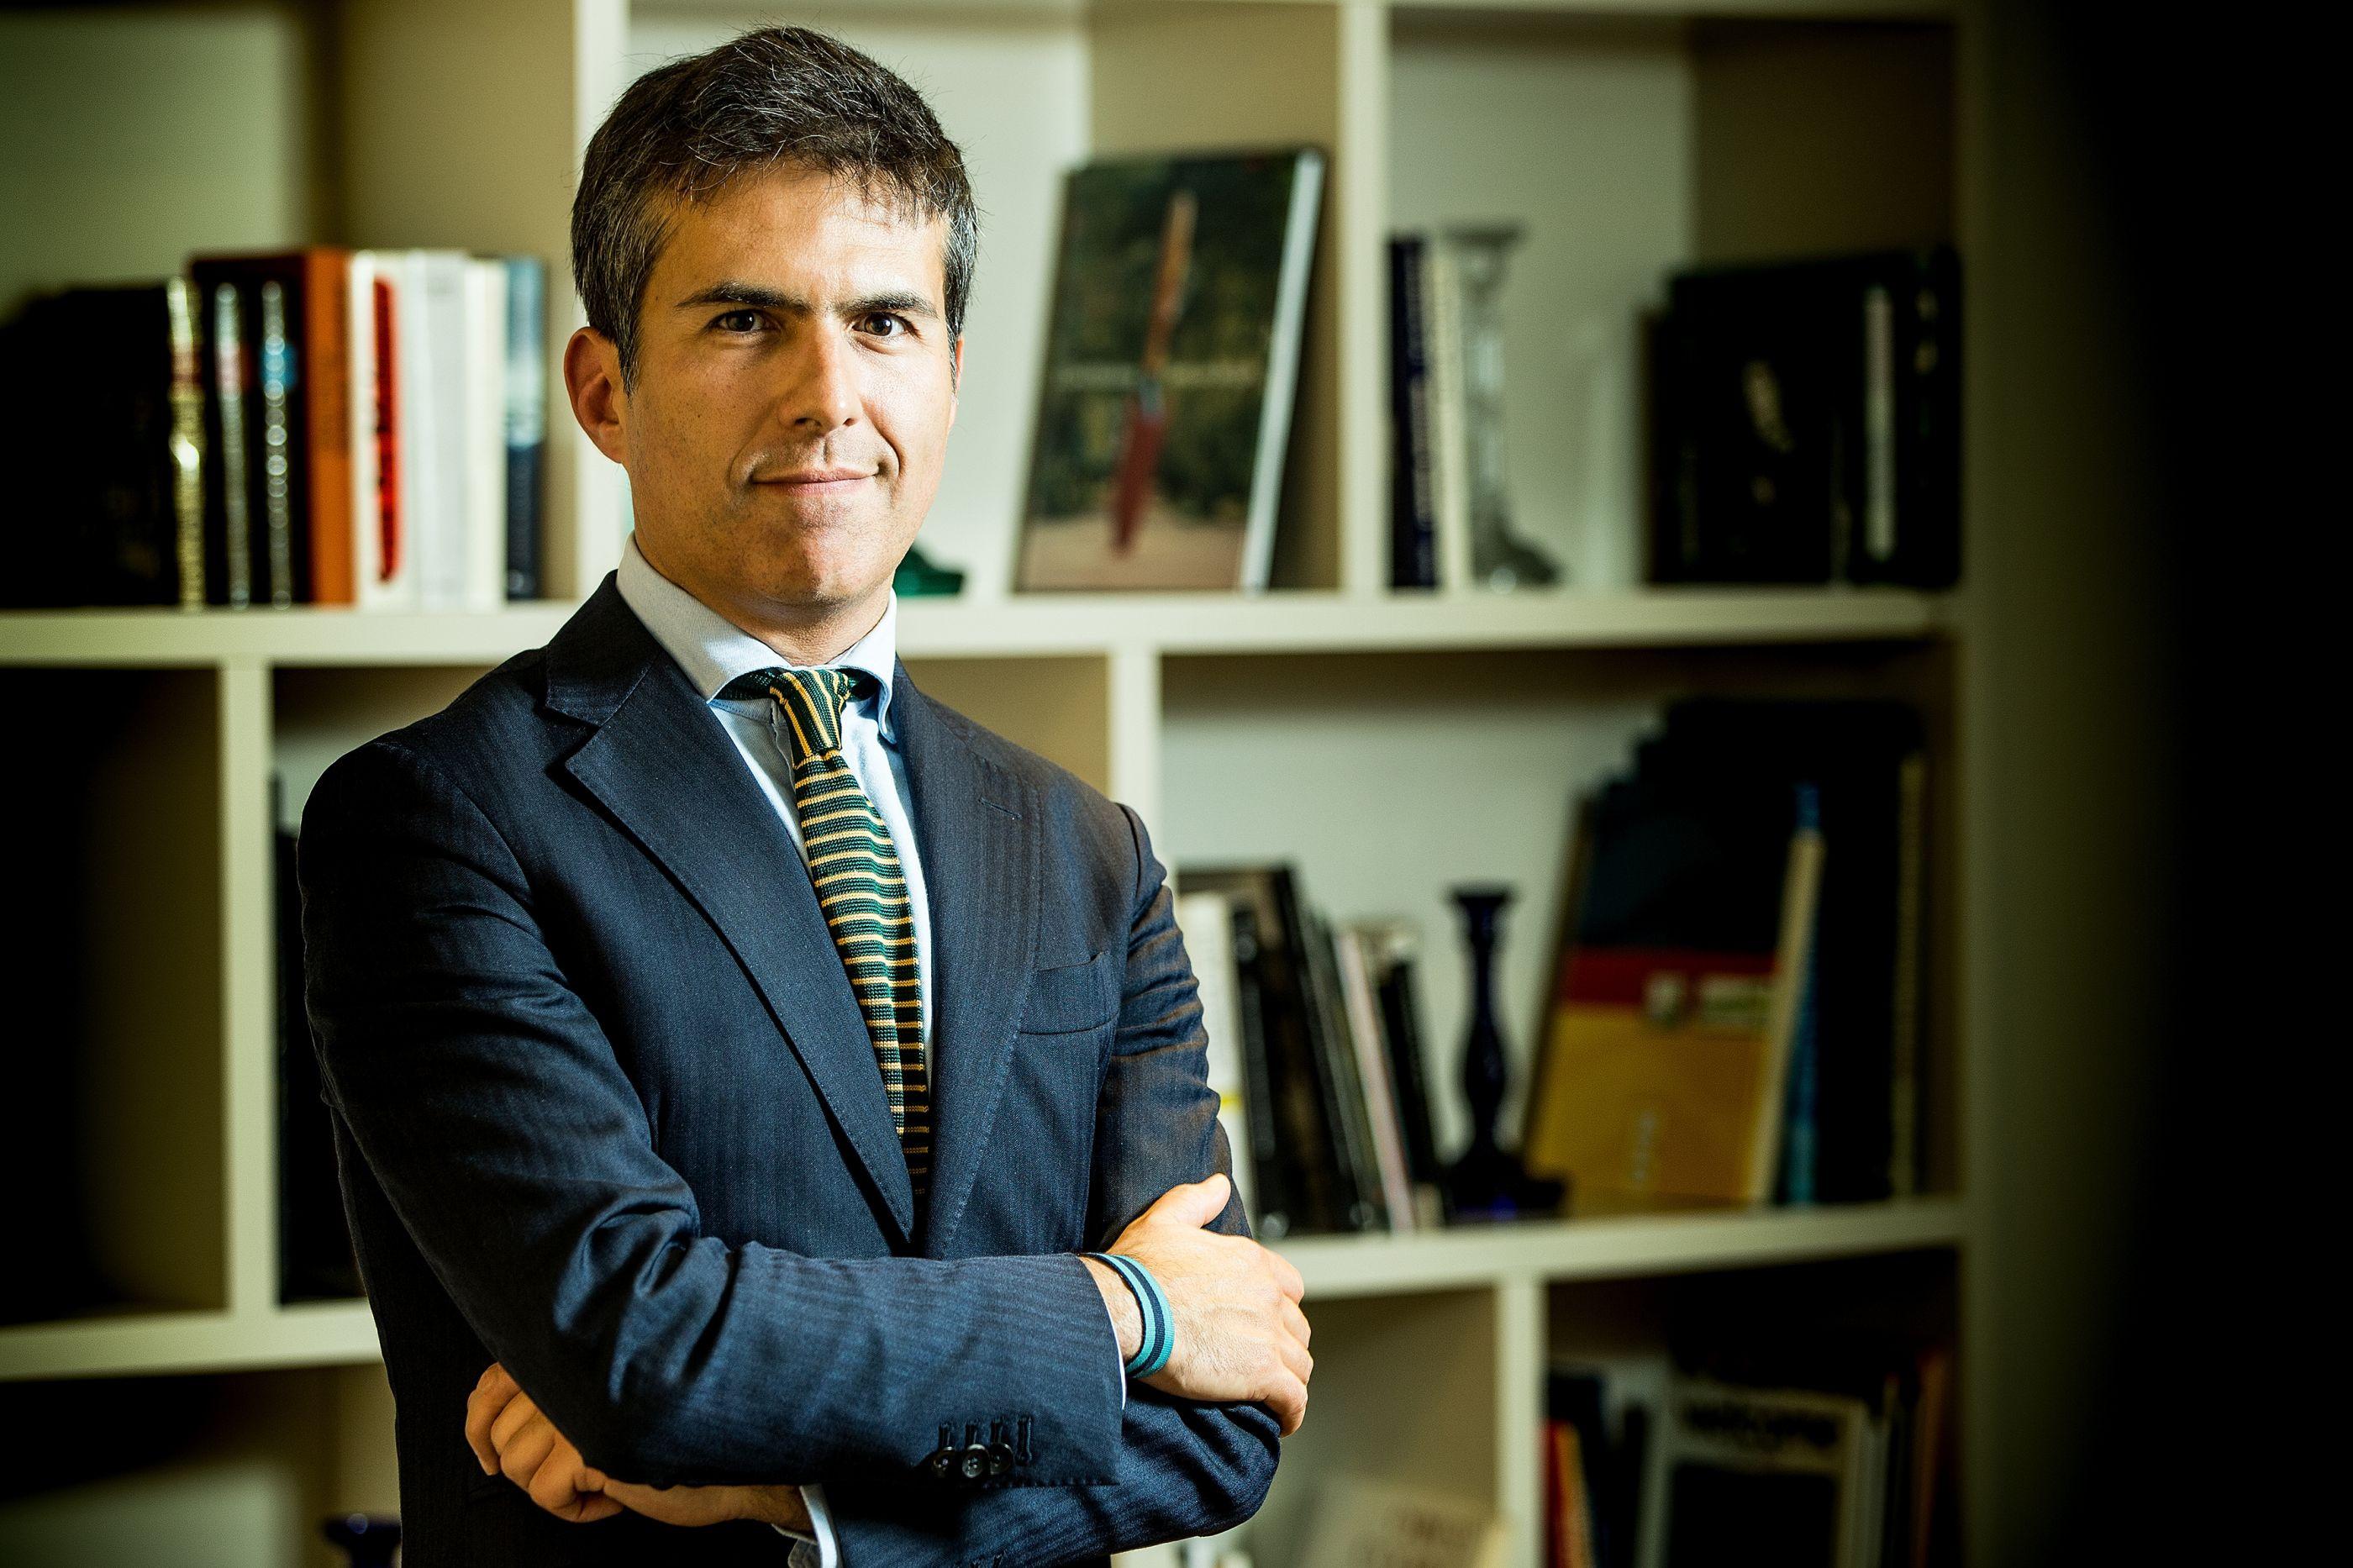 """Centrista sai em defesa de Costa após 'manif' de jovens. """"Inaceitável"""""""